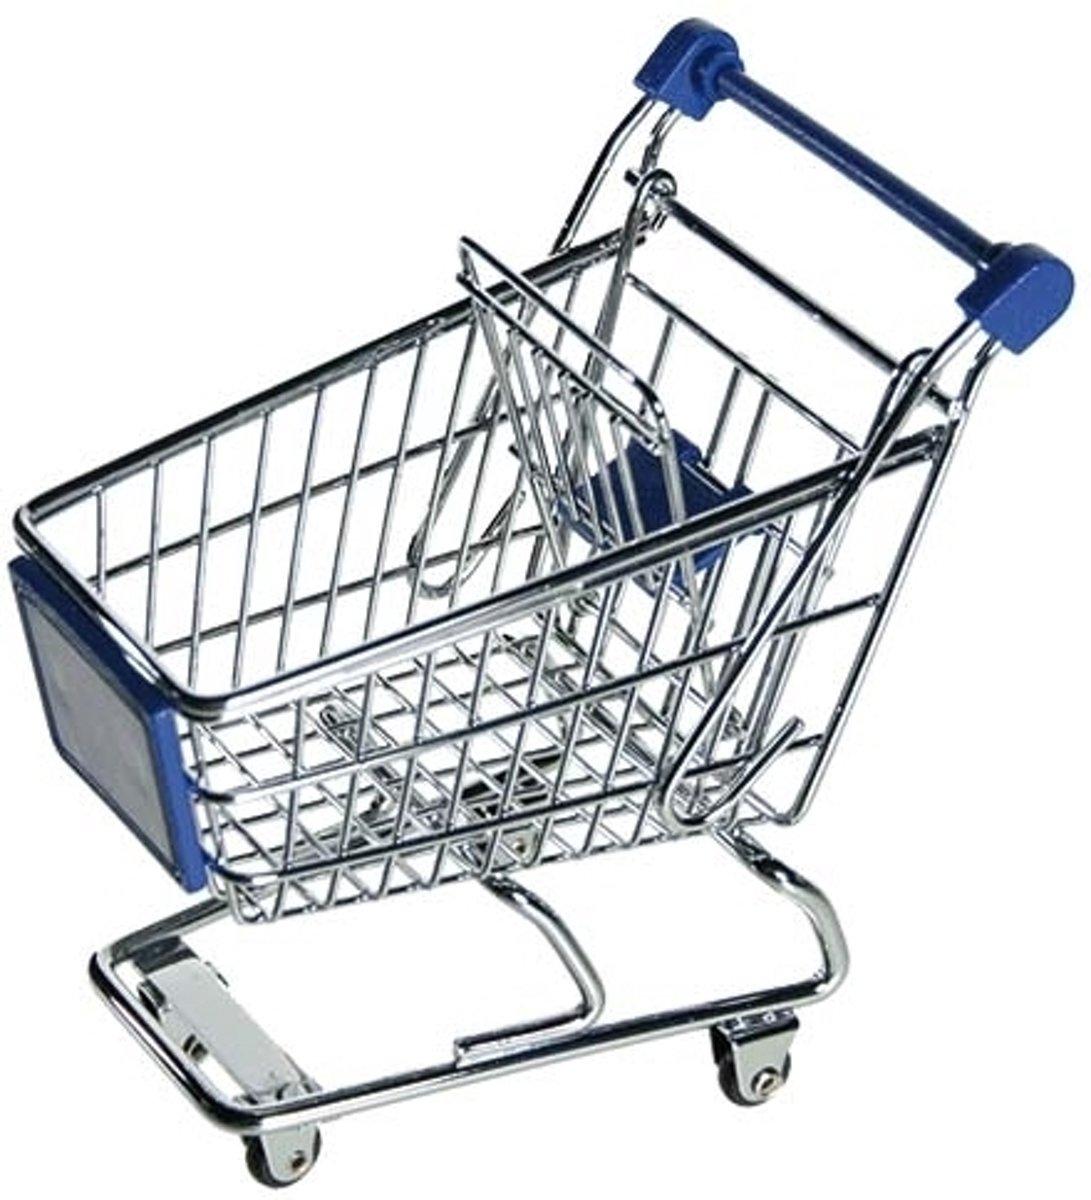 Top bol.com | Speelgoed winkelwagen kopen? Kijk snel! &LD24